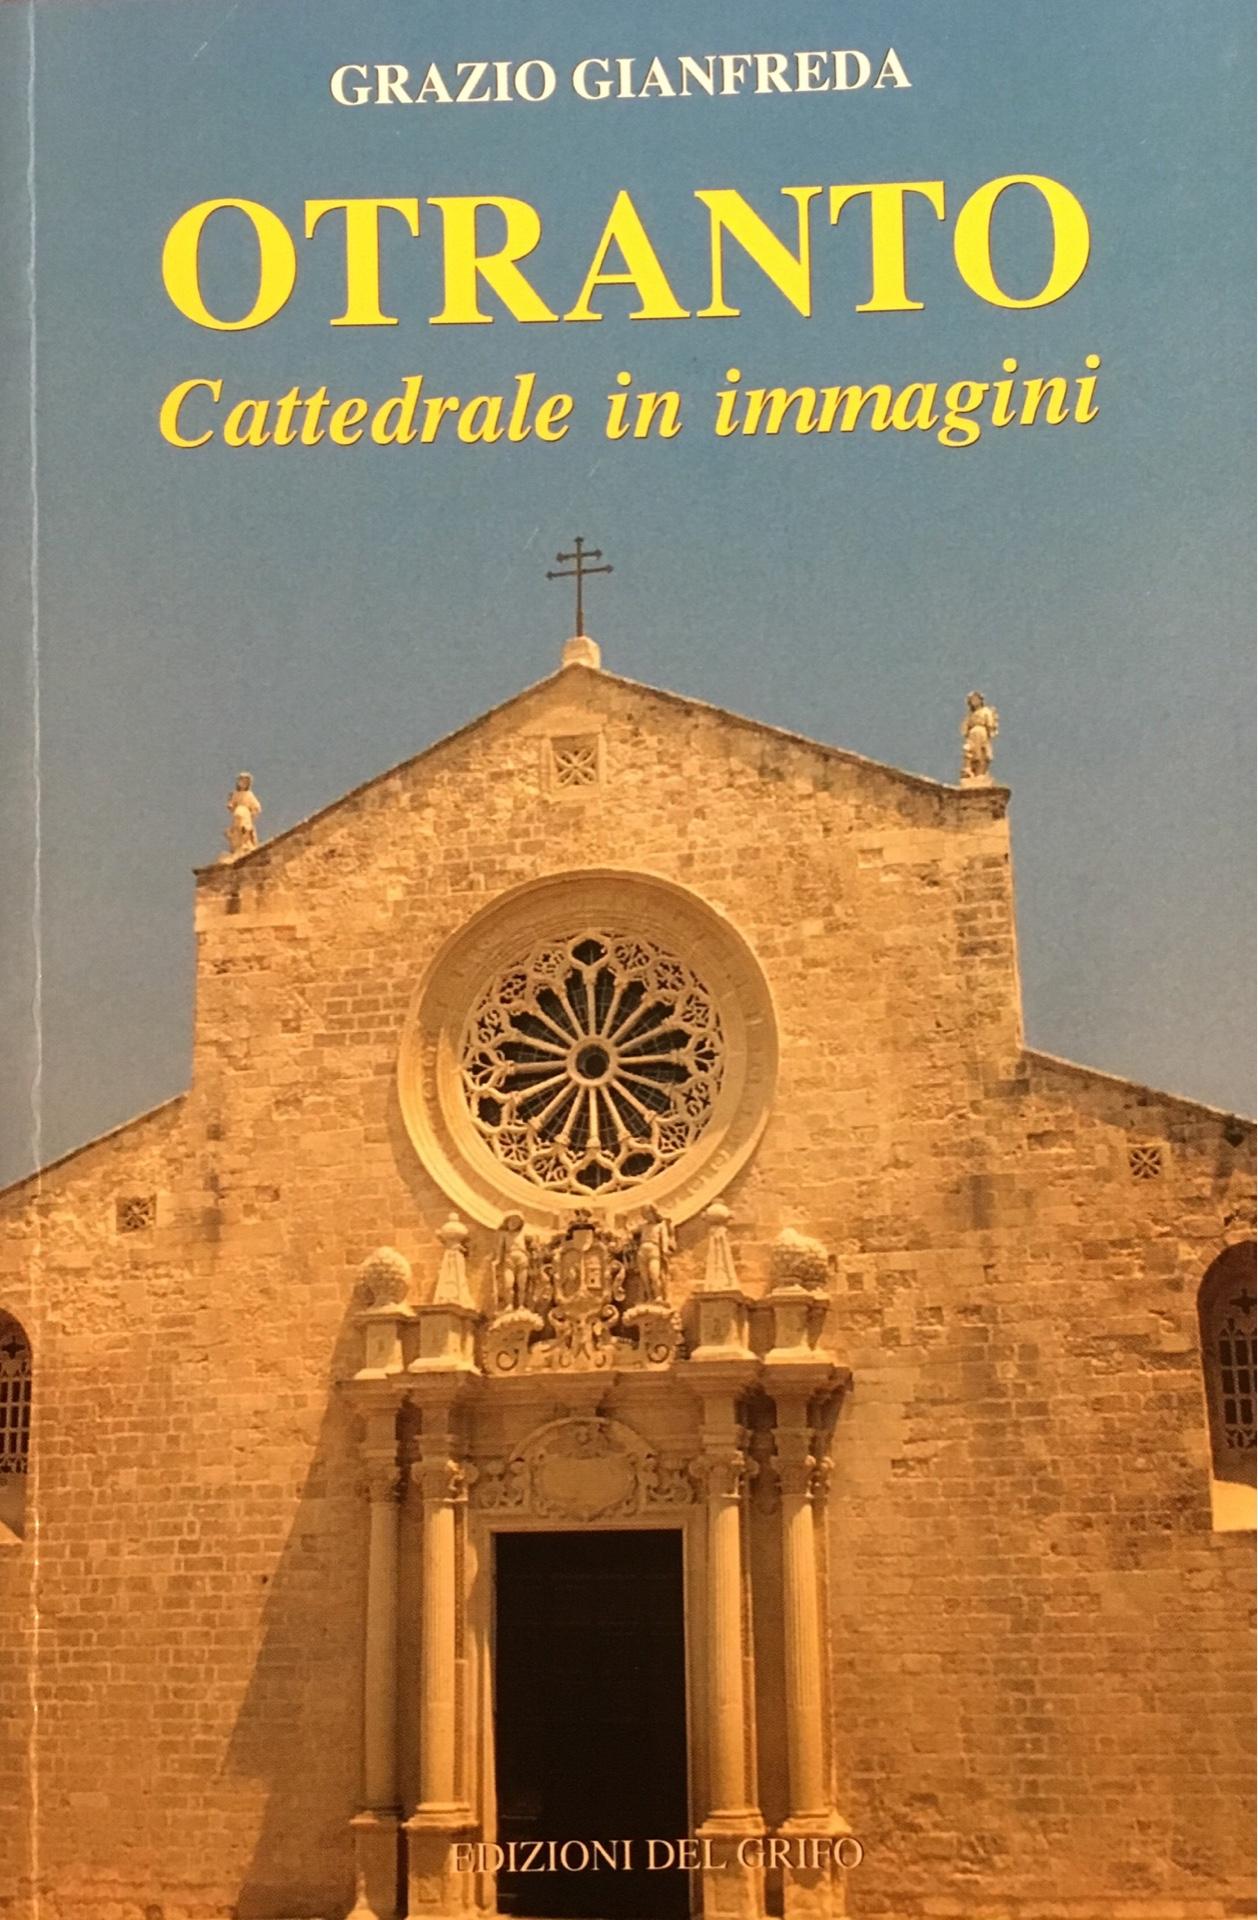 Cattedrale di Otranto in immagini